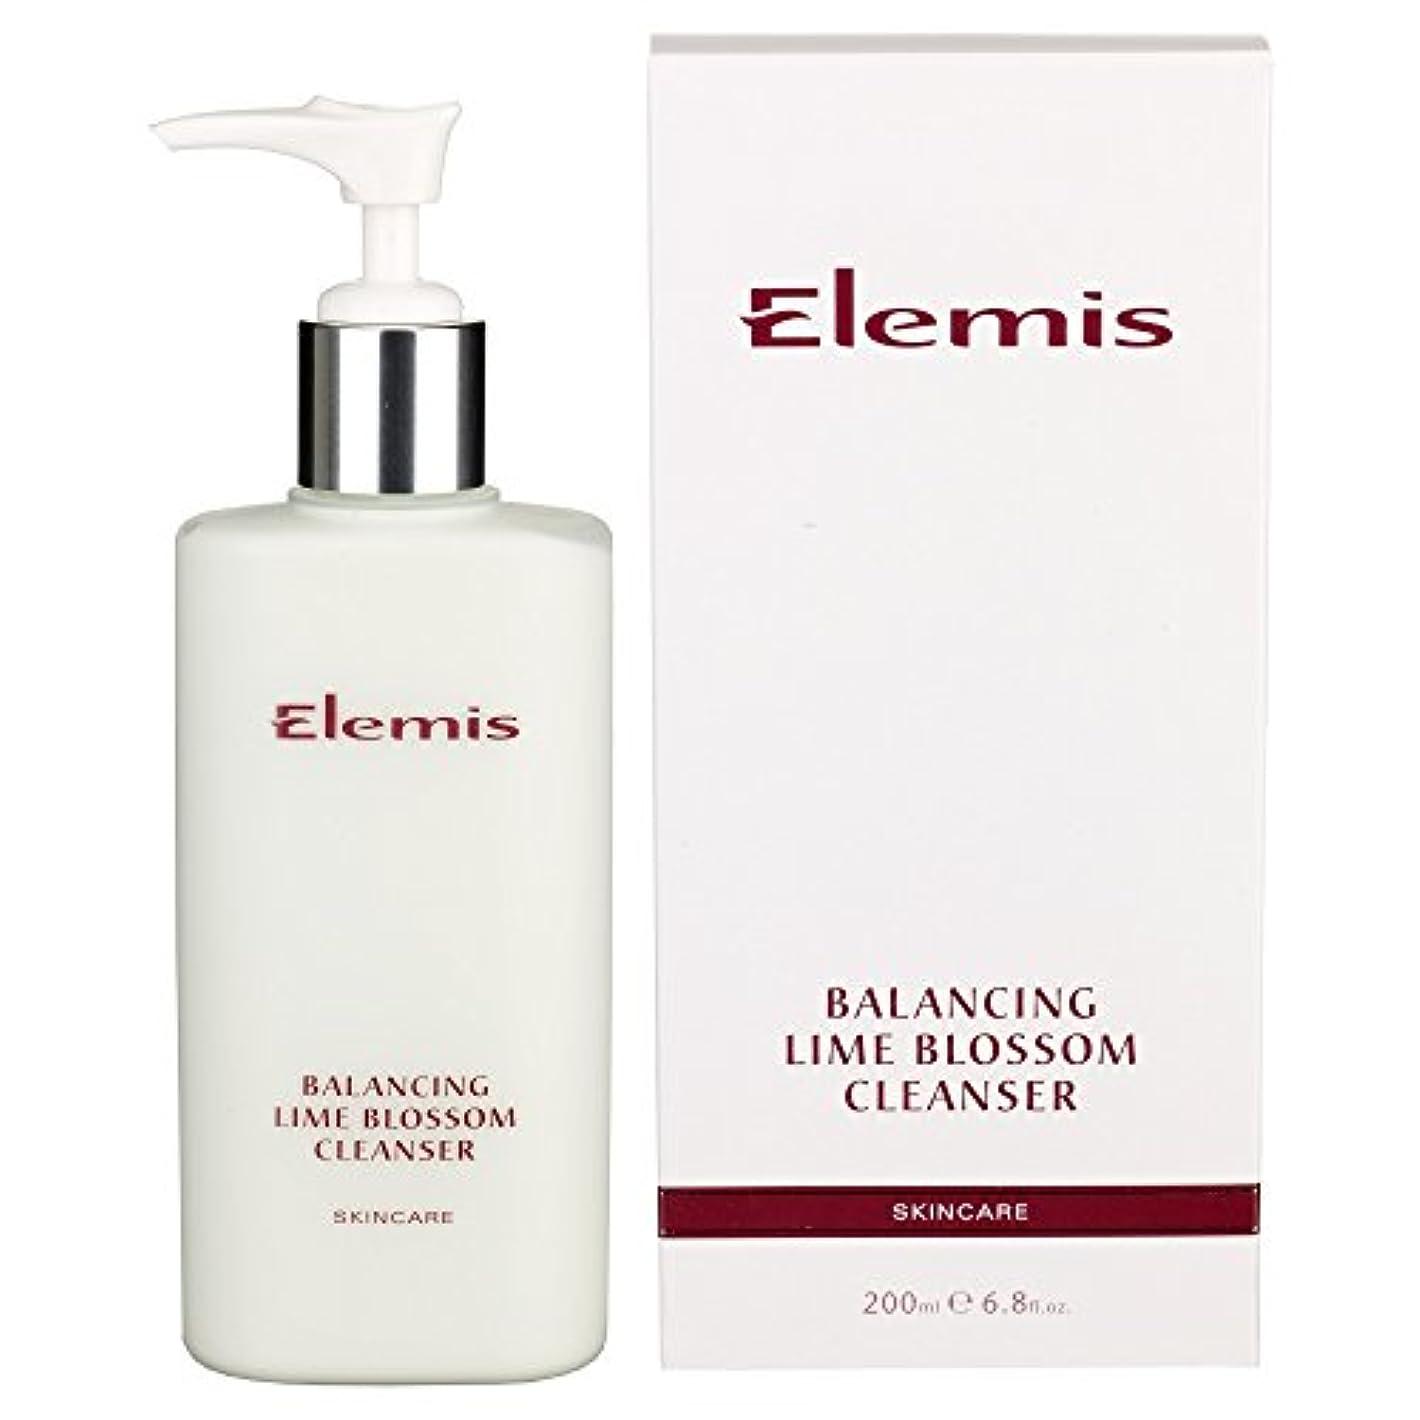 セレナオープナー歴史ライムブロッサムクレンザーのバランスをとります (Elemis) (x6) - Balancing Lime Blossom Cleanser (Pack of 6) [並行輸入品]